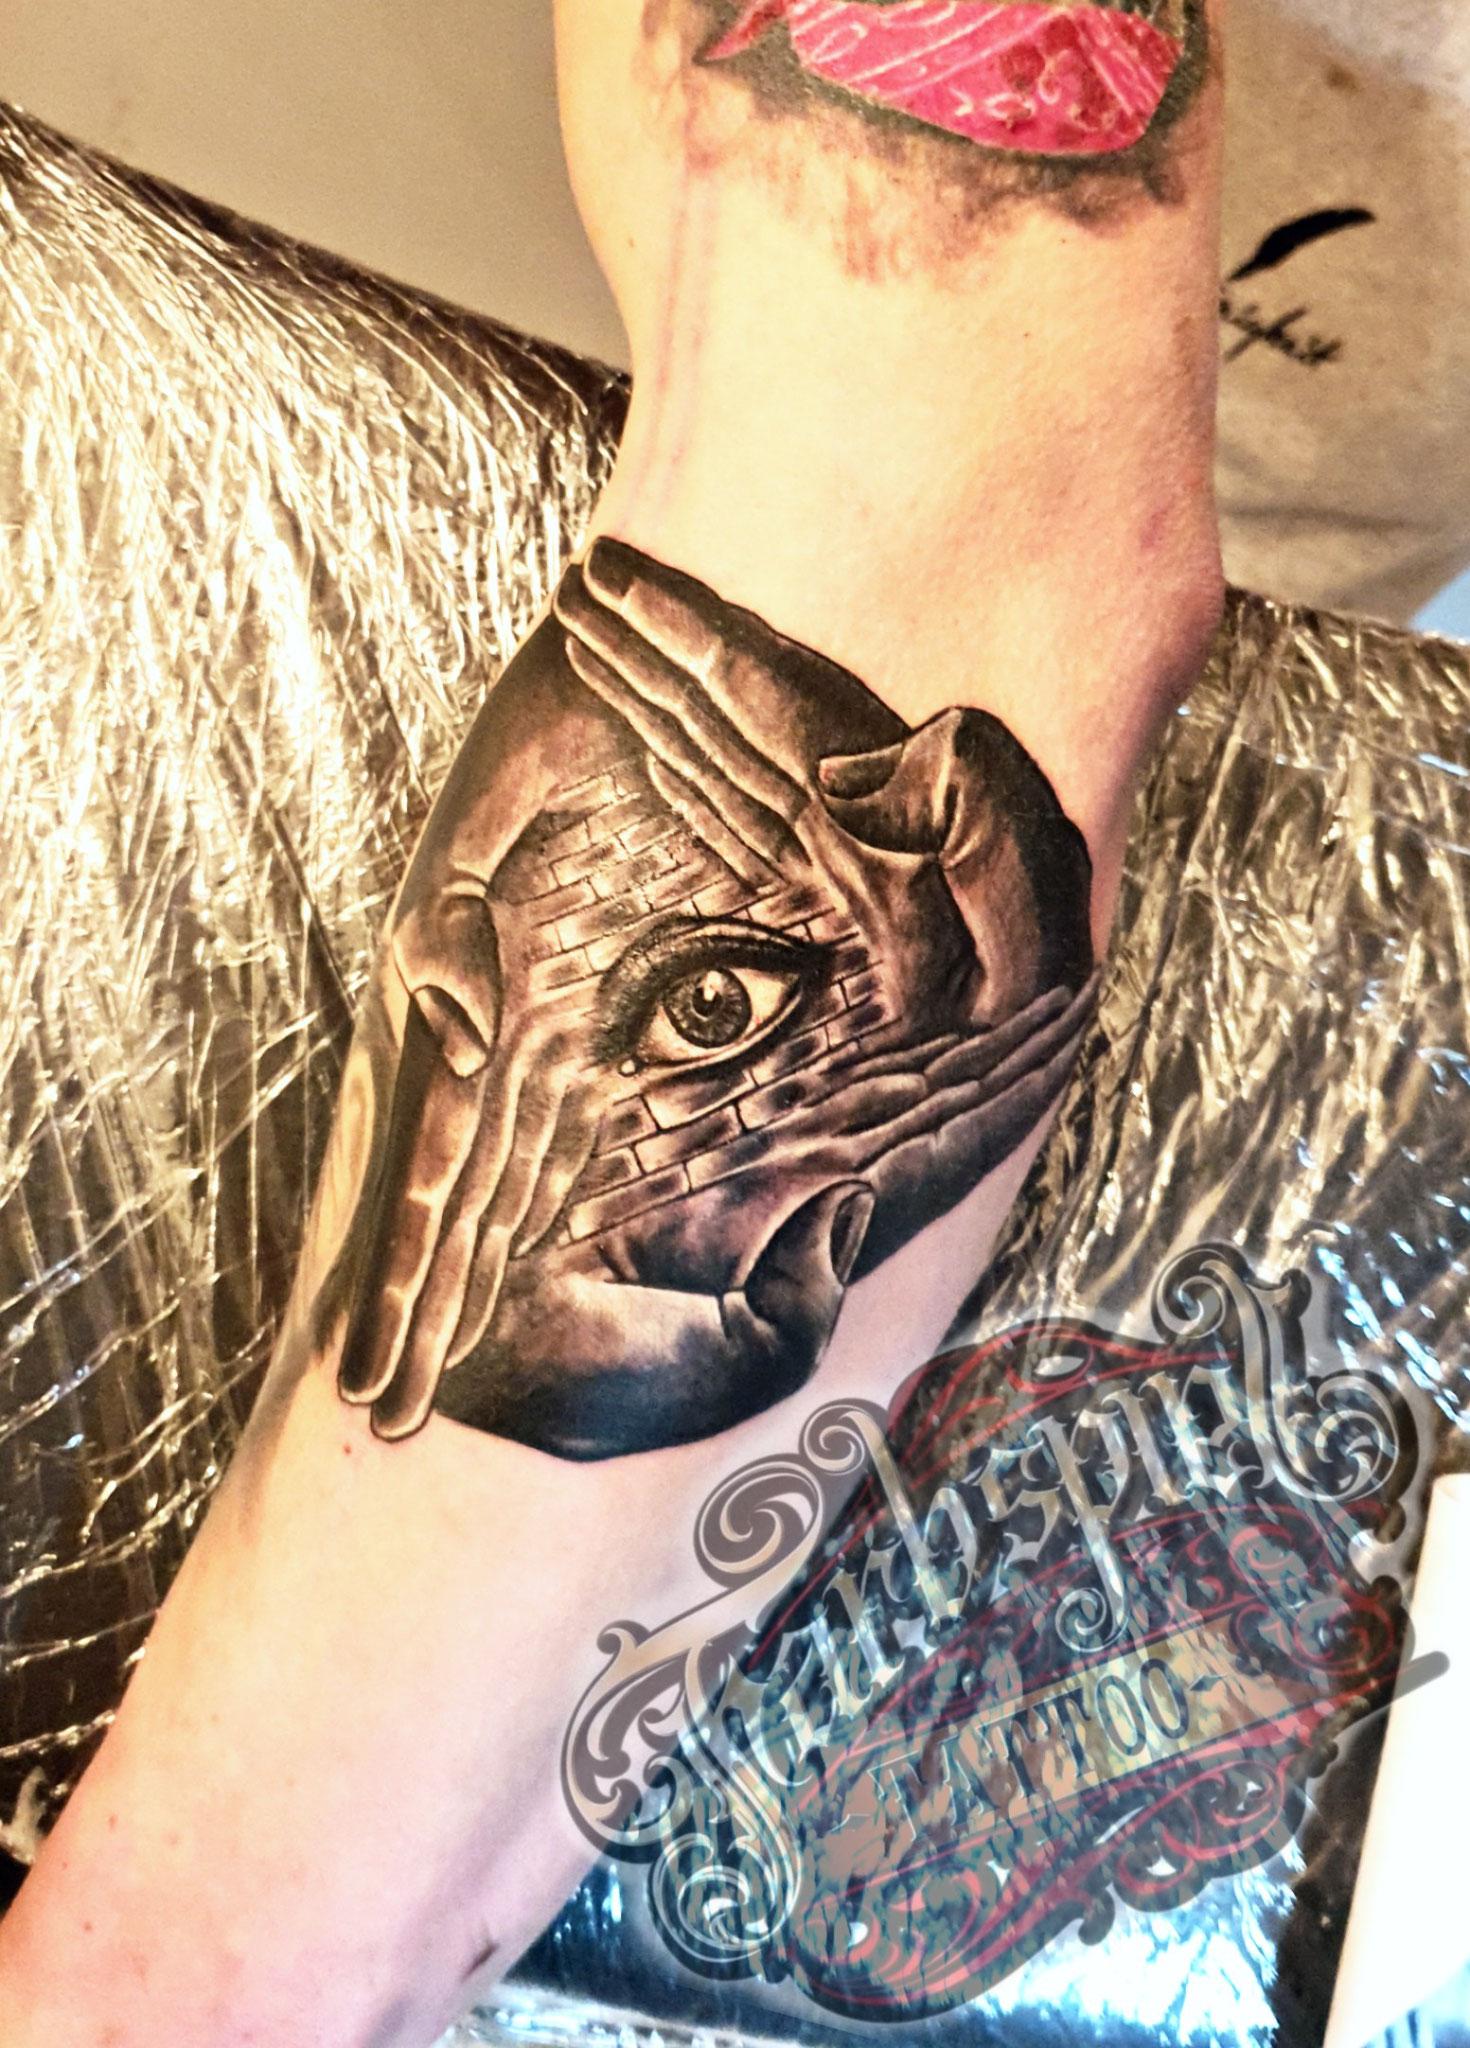 iluminaten tattoo